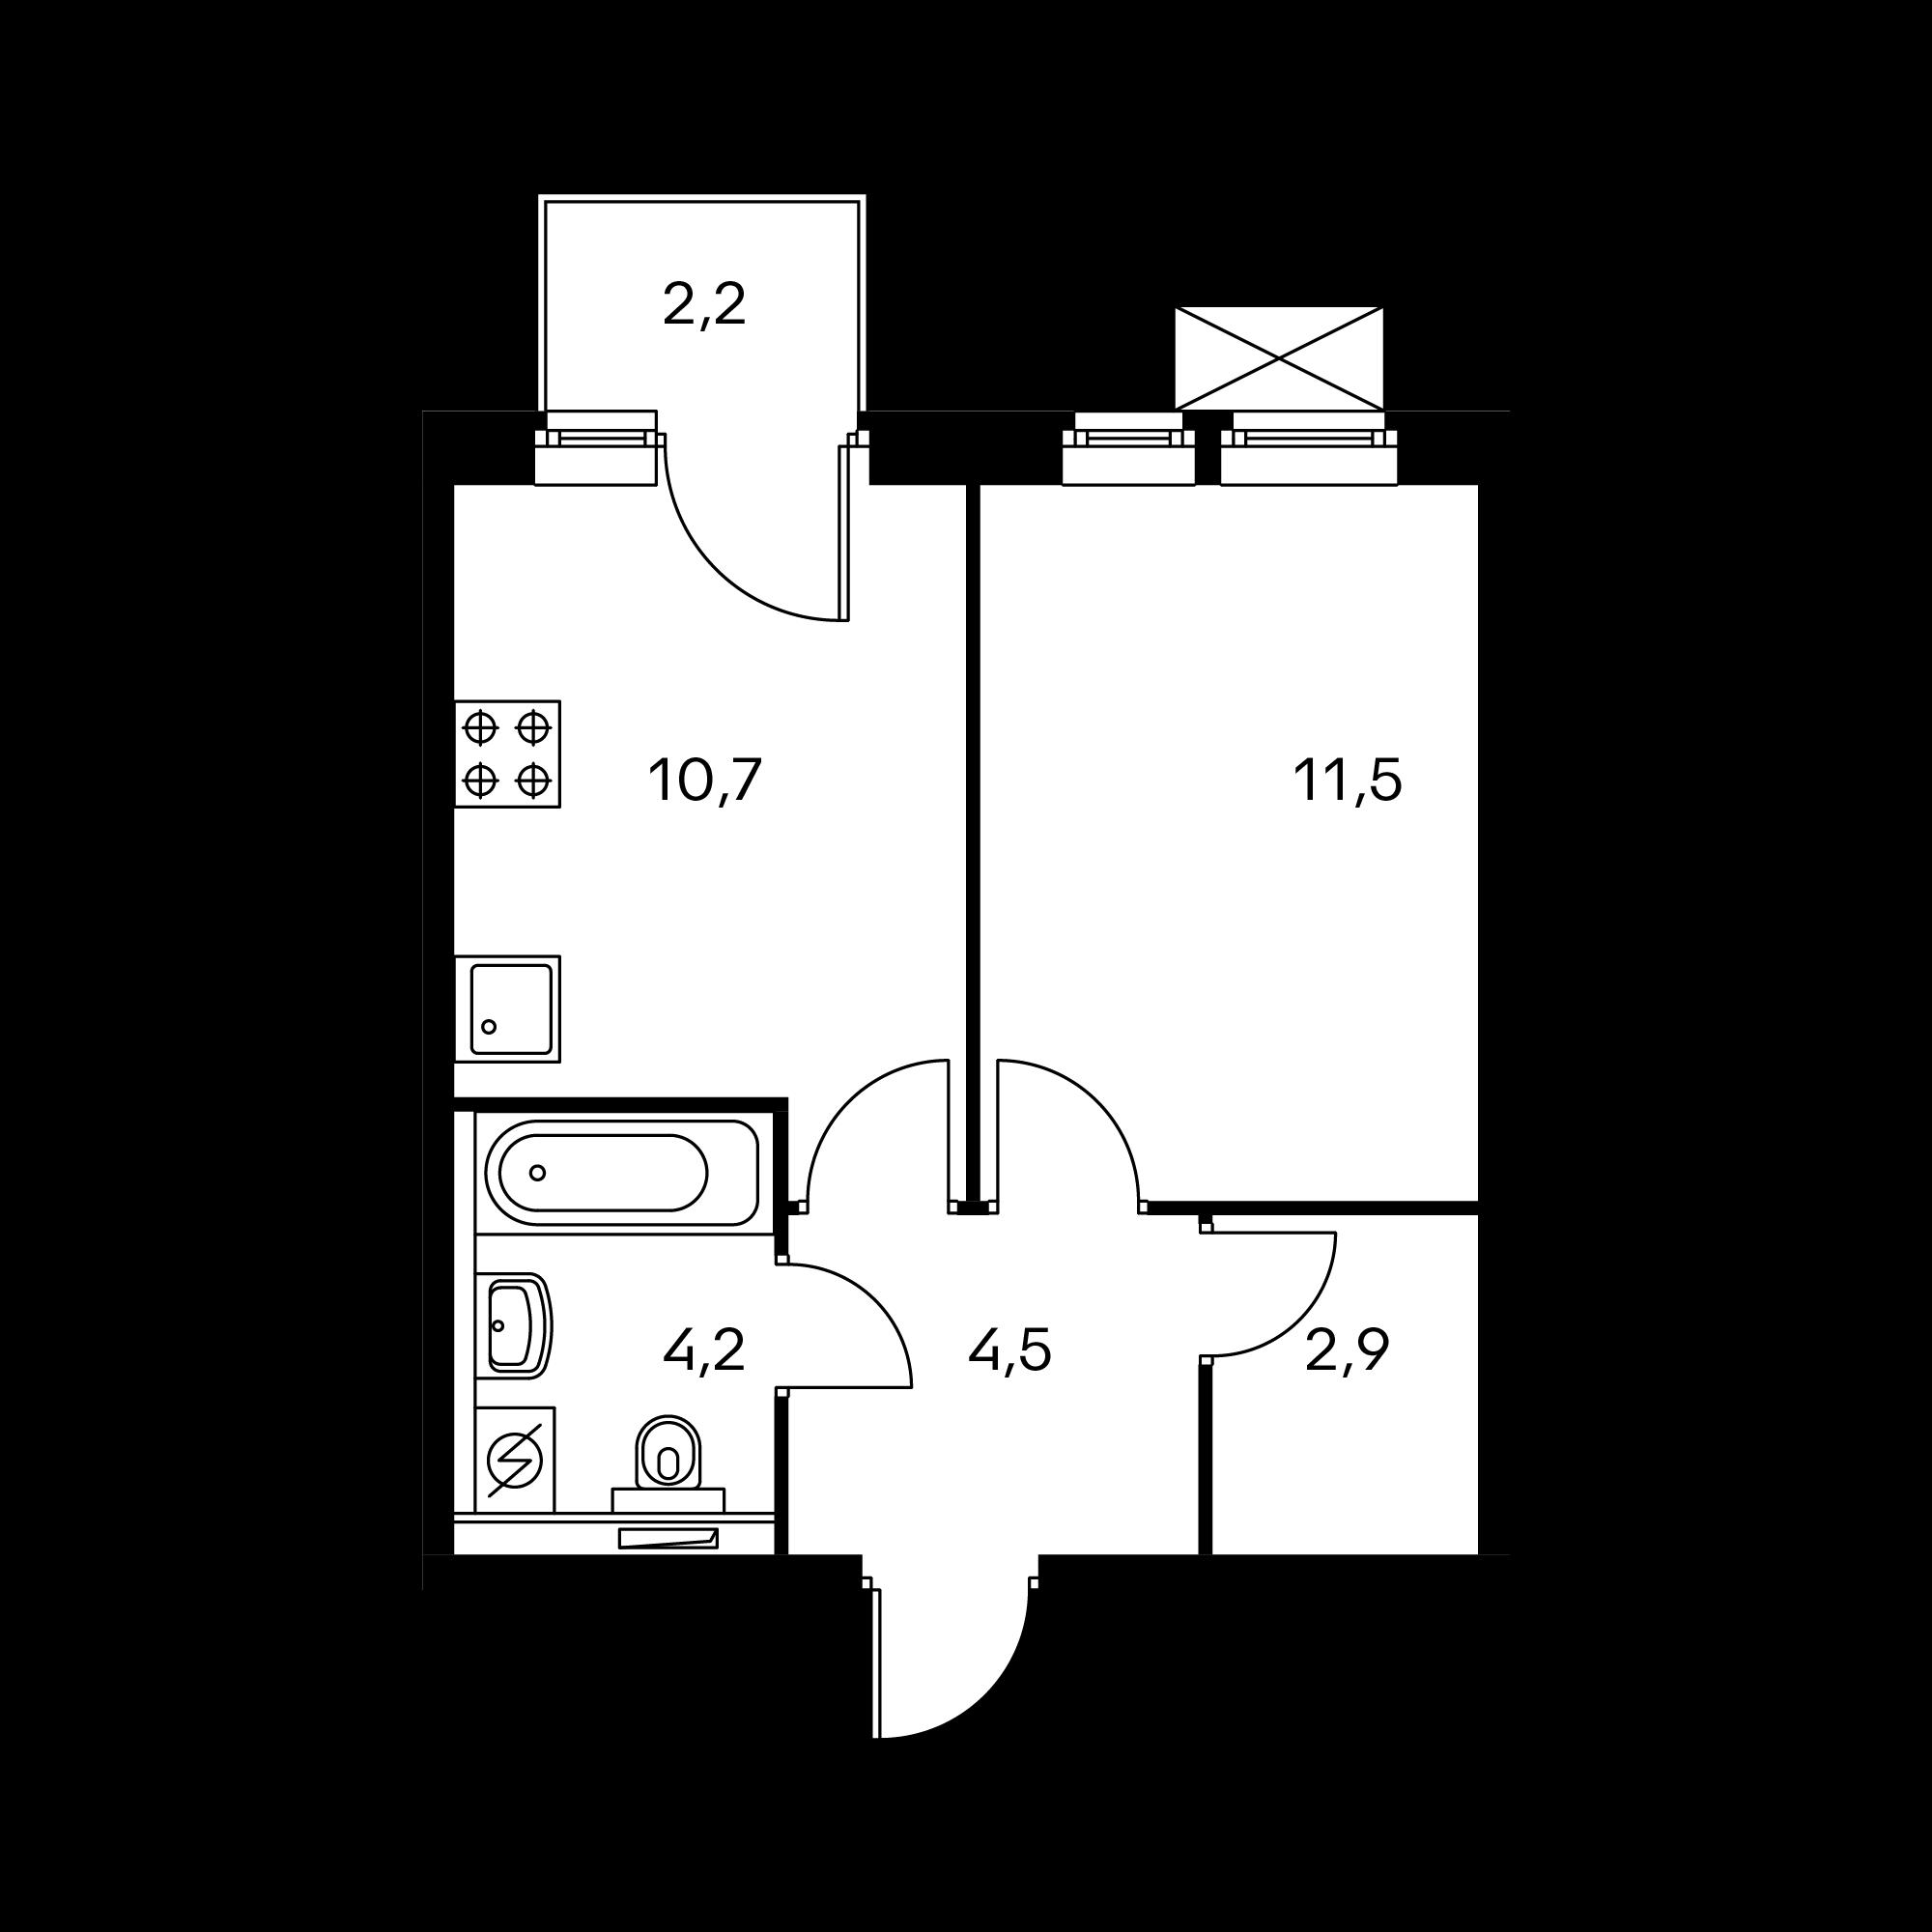 1KS1_6.0-1_B(2,2)